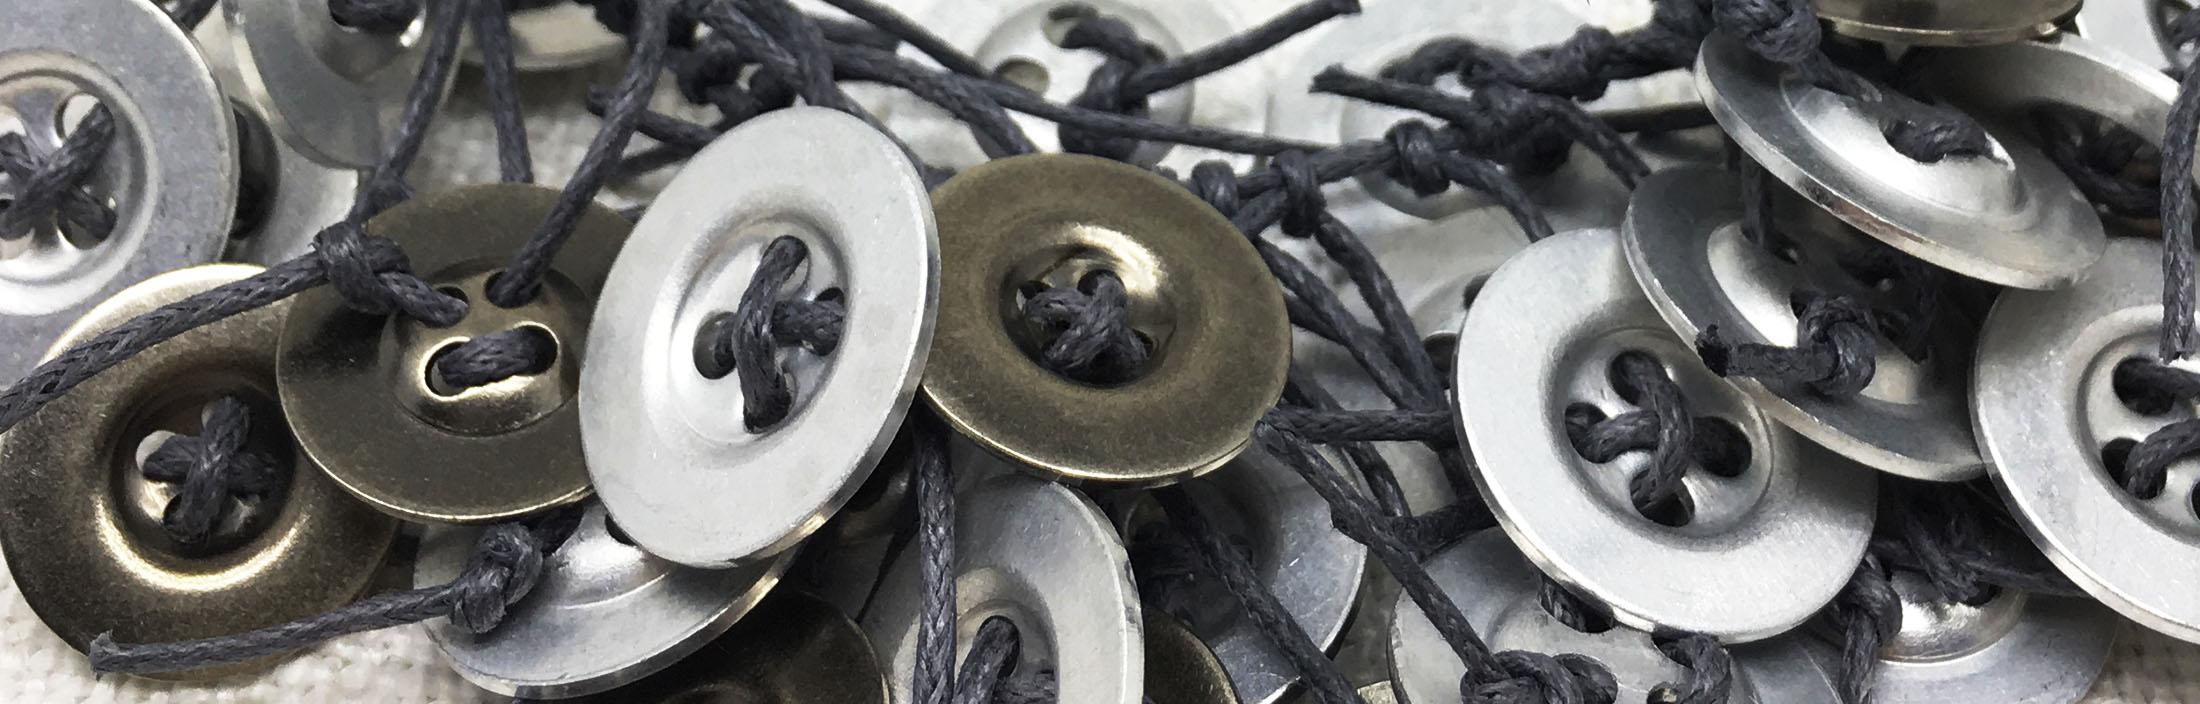 neckpiece close up aluminium buttons.jpg